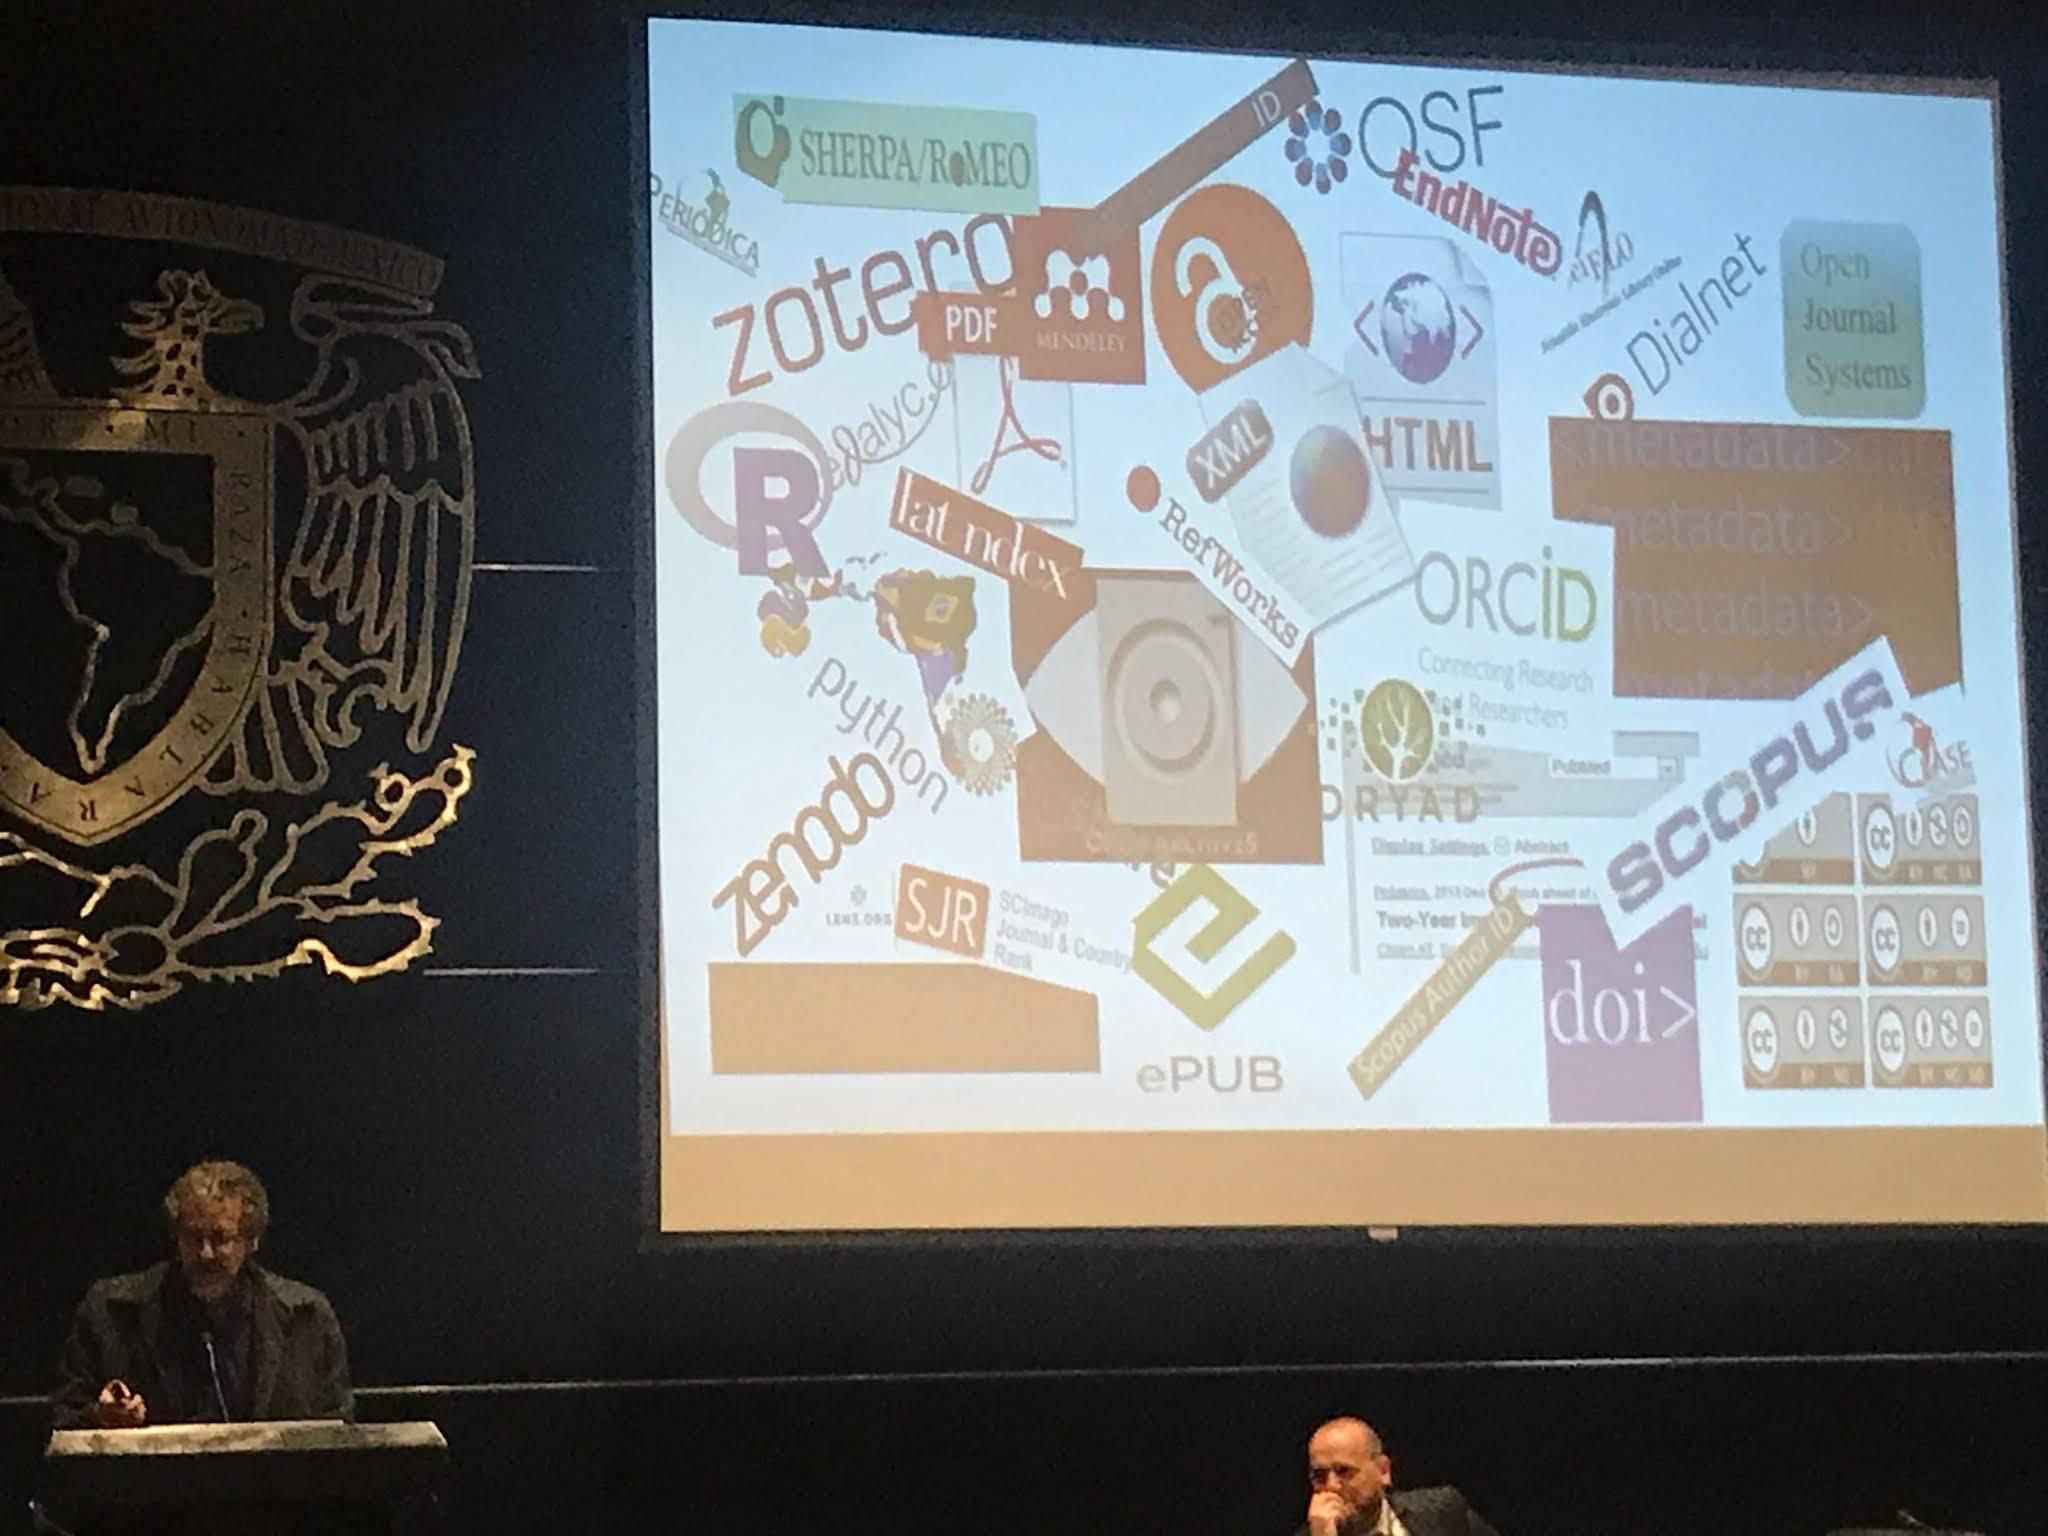 COMENTARIOS sobre la XVI Conferencia Internacional sobre Bibliotecas Universitarias GjuqYoD